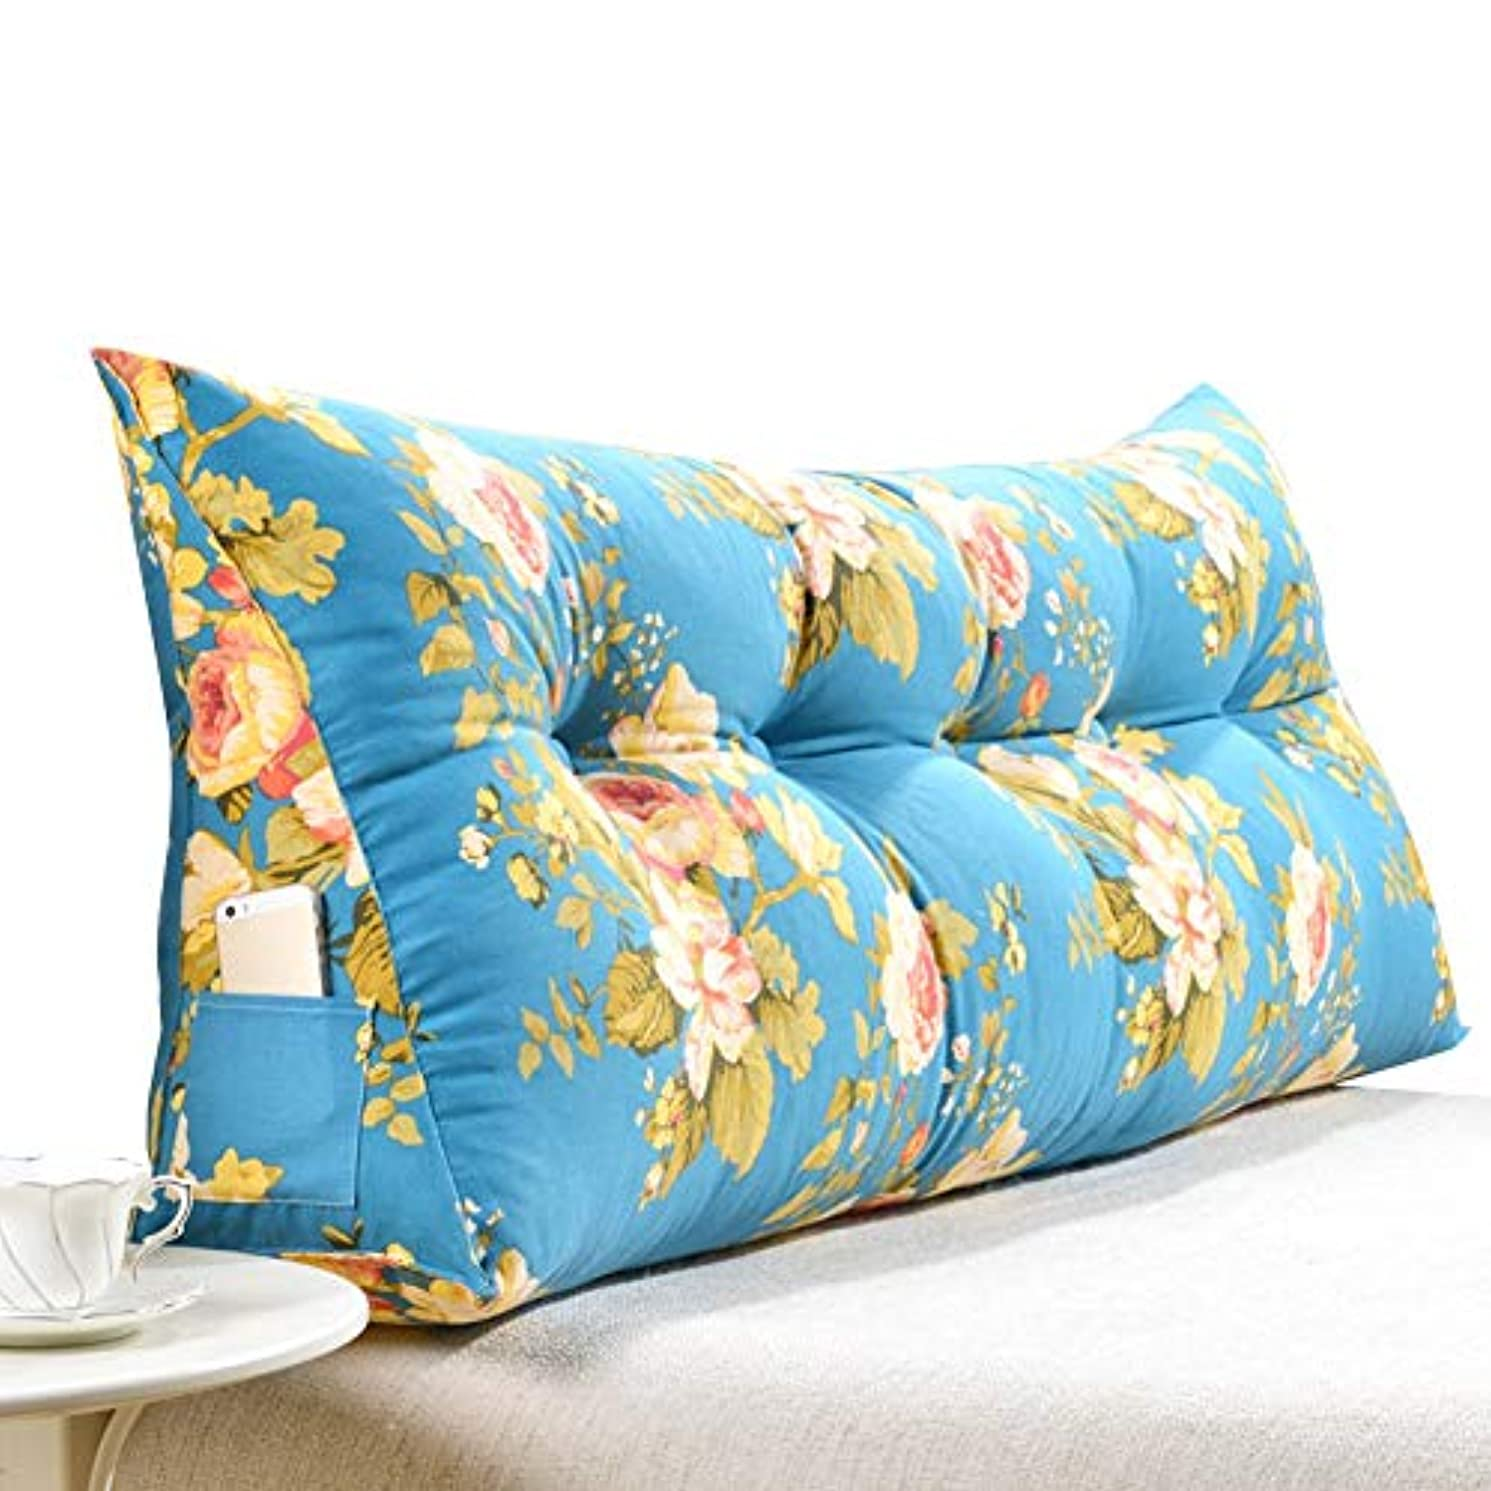 肝調査ウェーハLIANGLIANG クションベッドの背もたれ 読書用ベッドレスト枕 三角形 曲線 設計 フィラー 環境を守ること パールコットン (Color : C, Size : 200CM)